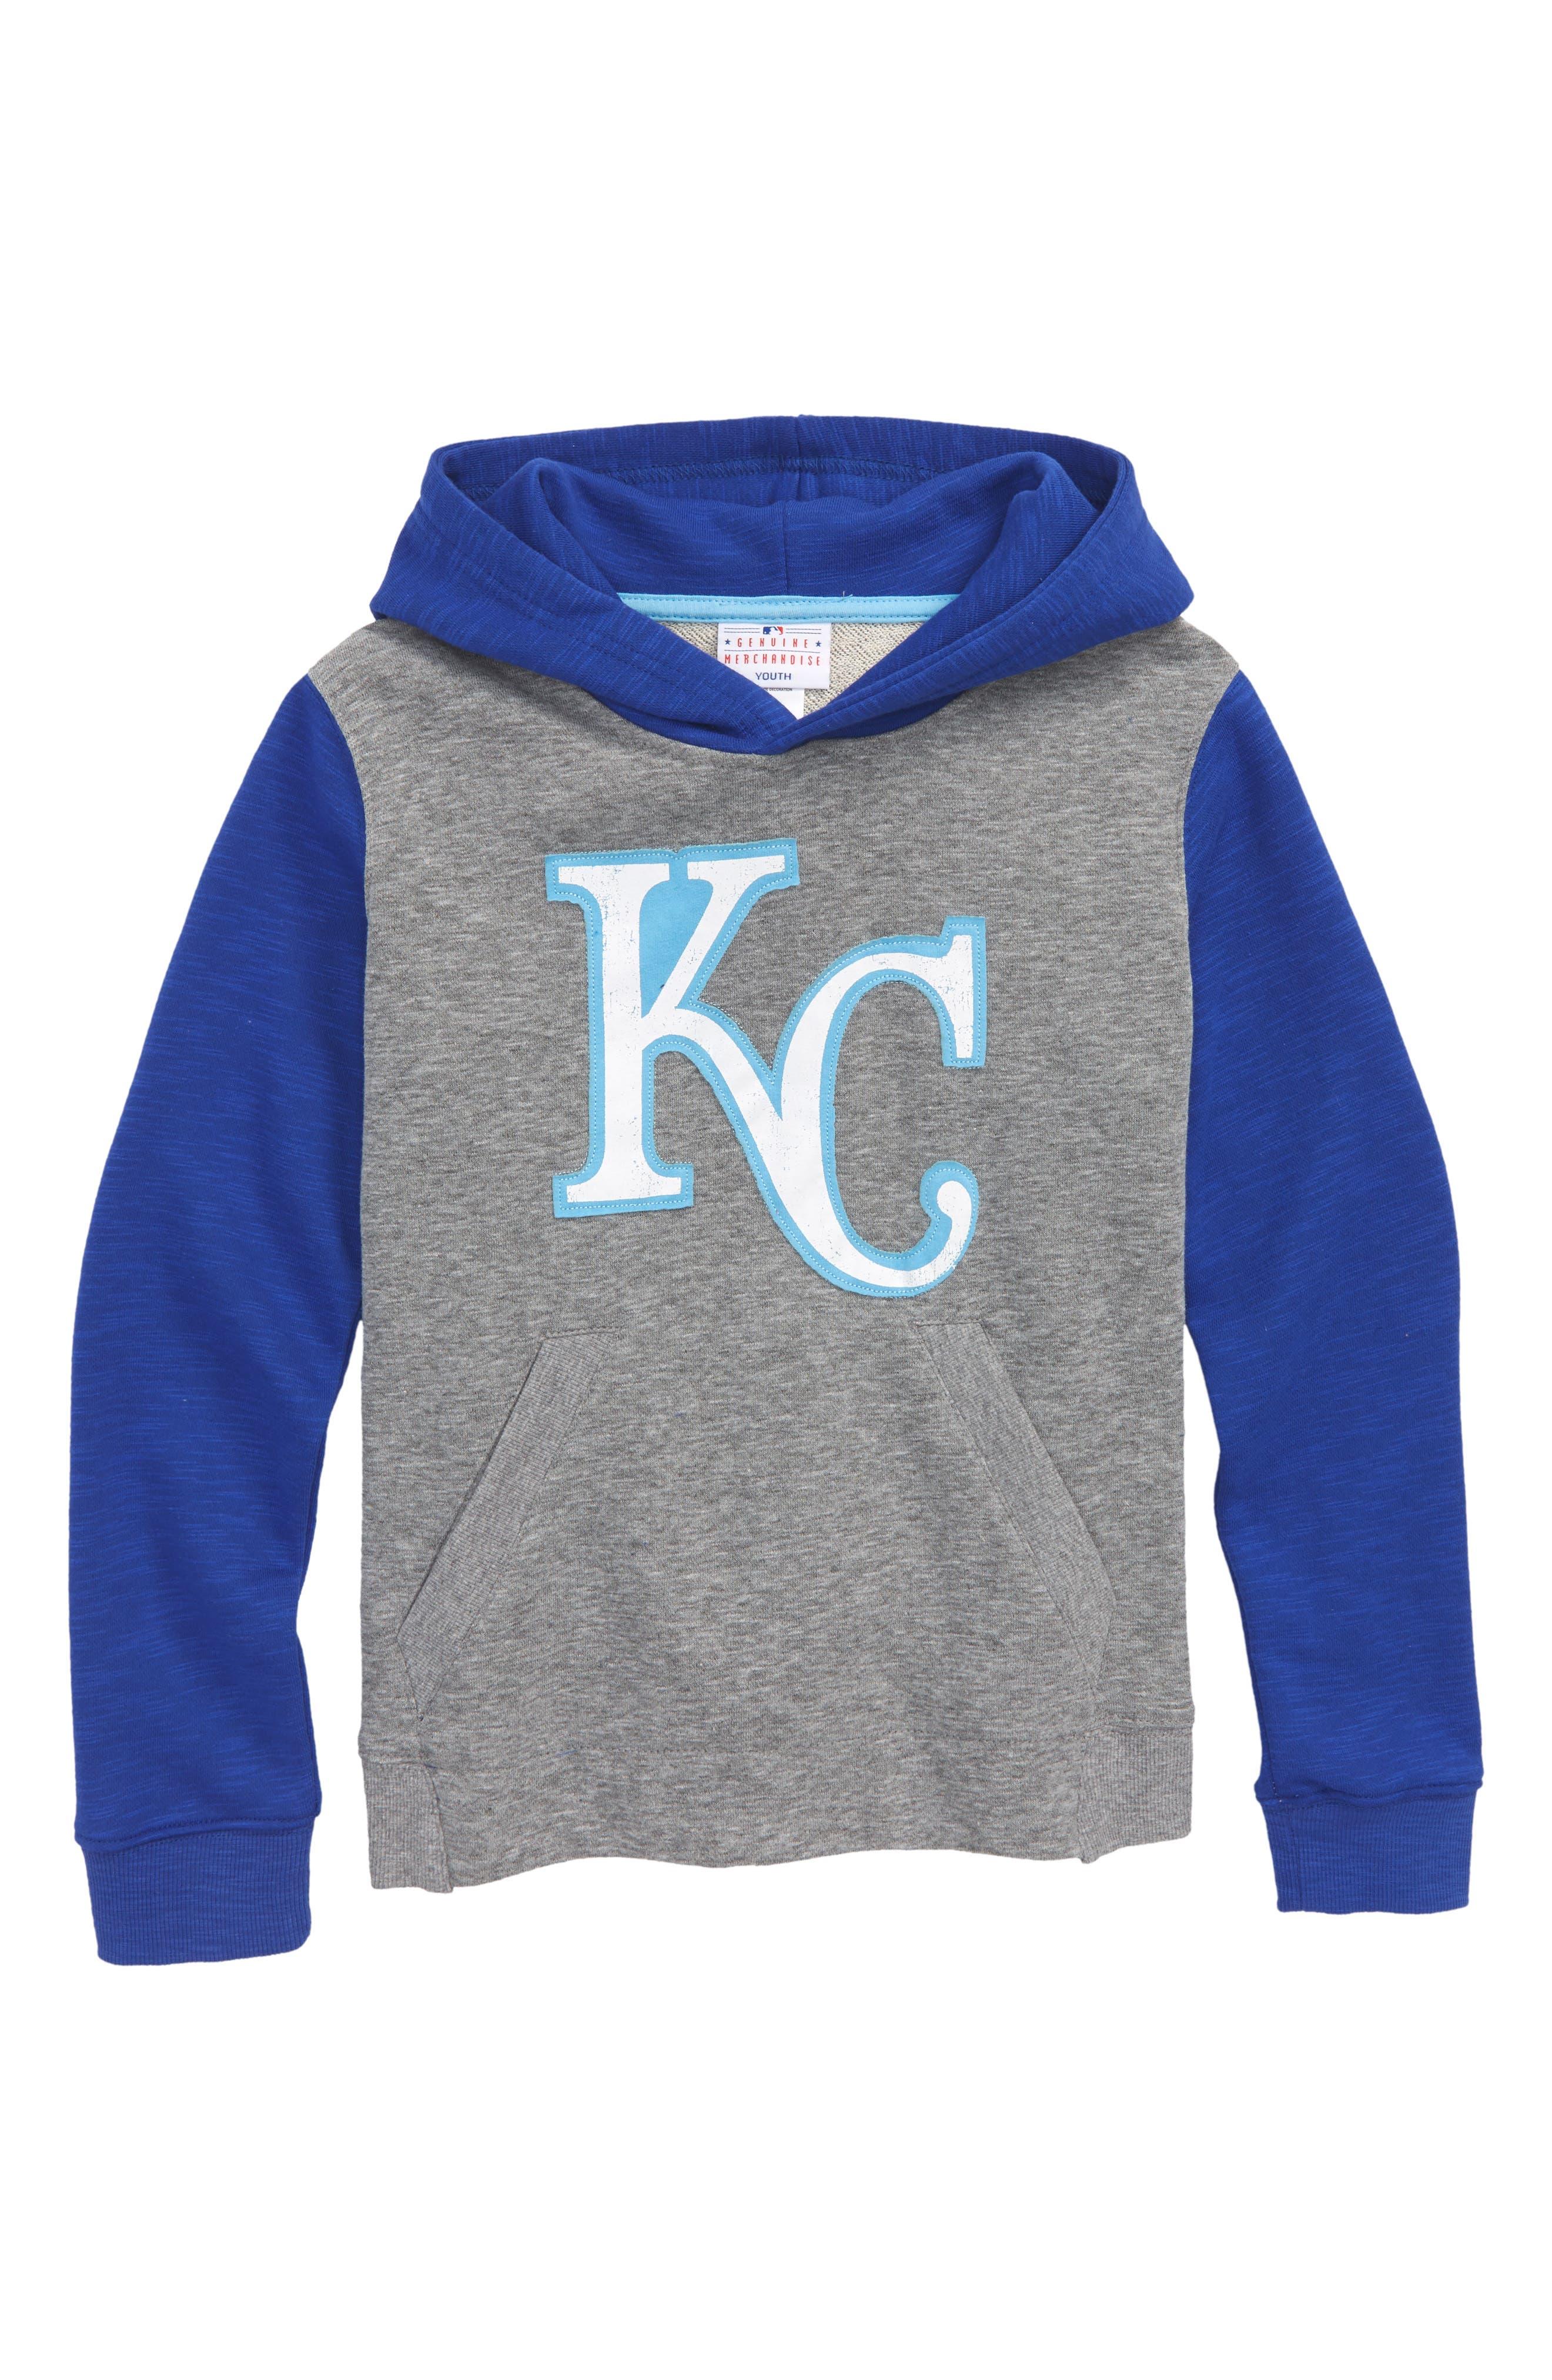 New Beginnings - Kansas City Royals Pullover Hoodie,                             Main thumbnail 1, color,